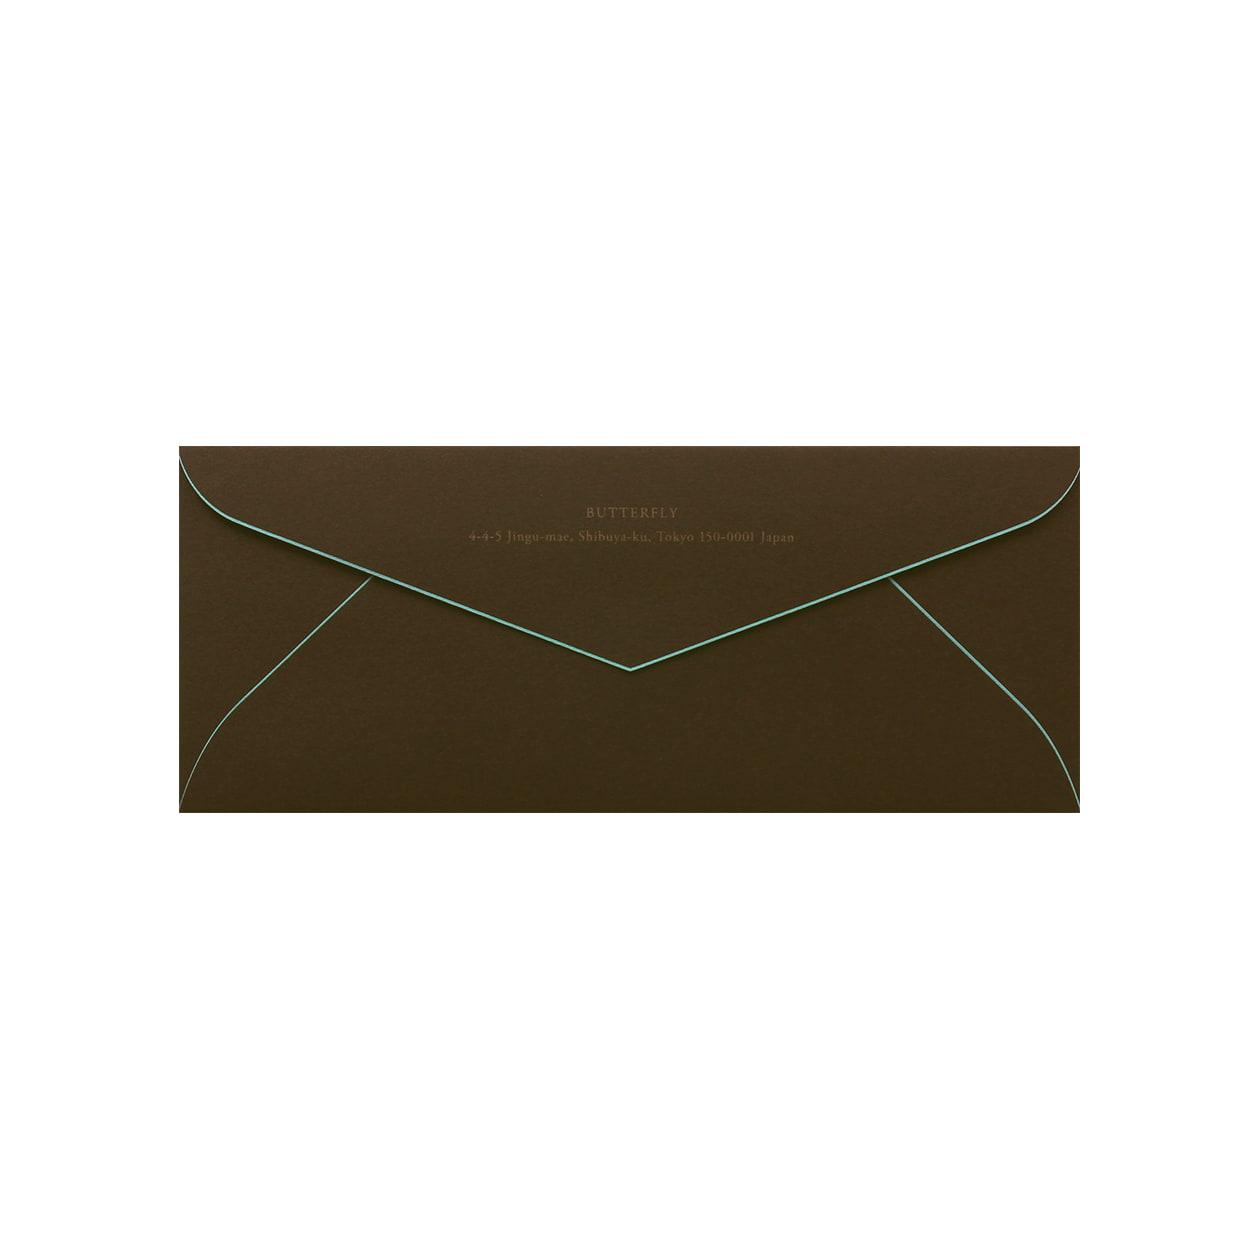 サンプル 封筒・袋 00139